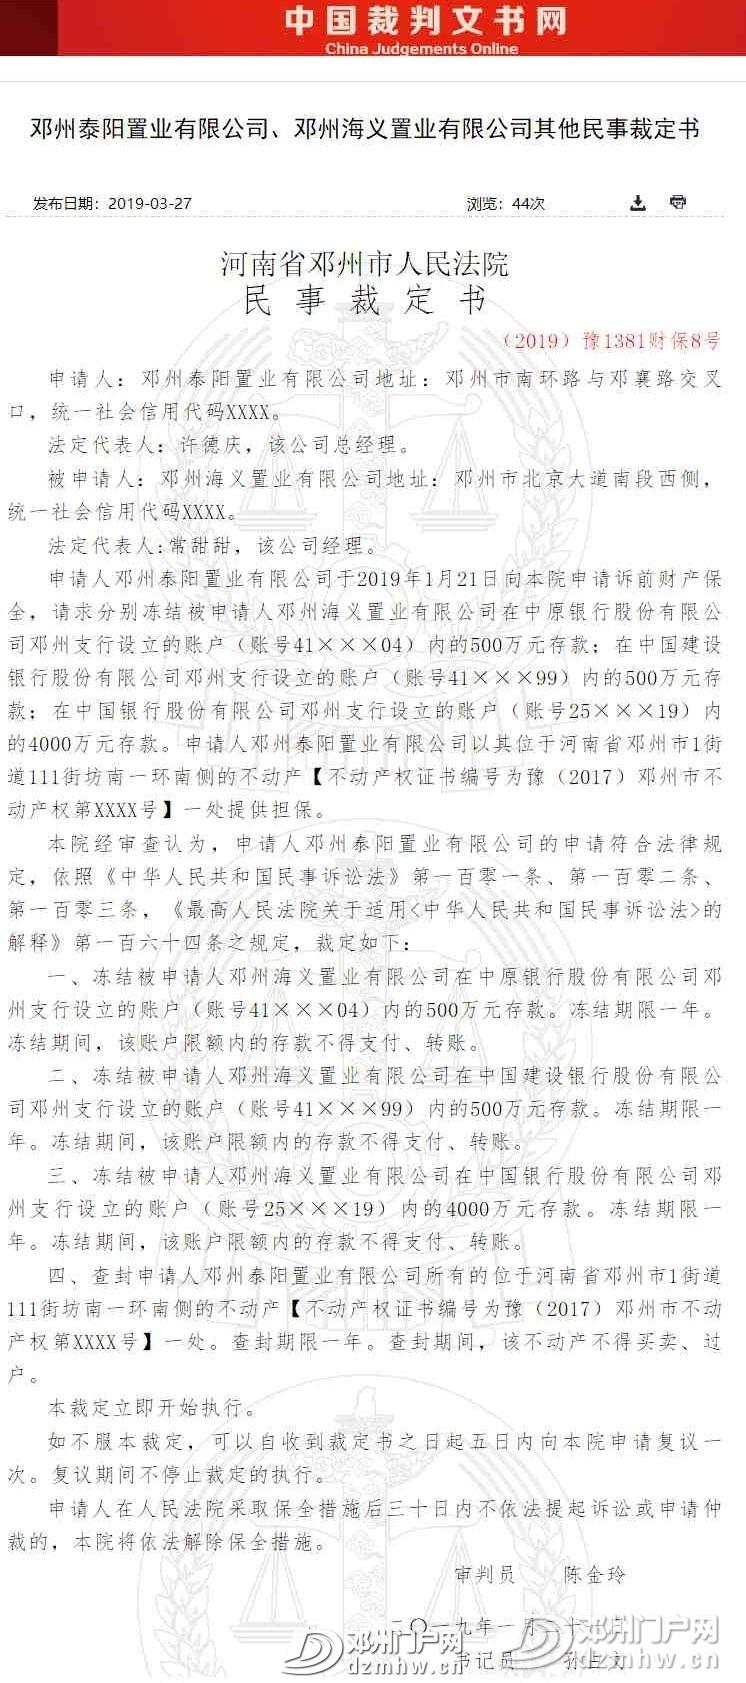 邓州建业城开发商被法院冻结4500万资产后又被查封3万平米土地 - 邓州门户网|邓州网 - 12356503860ed245df11c71df247e337.jpg